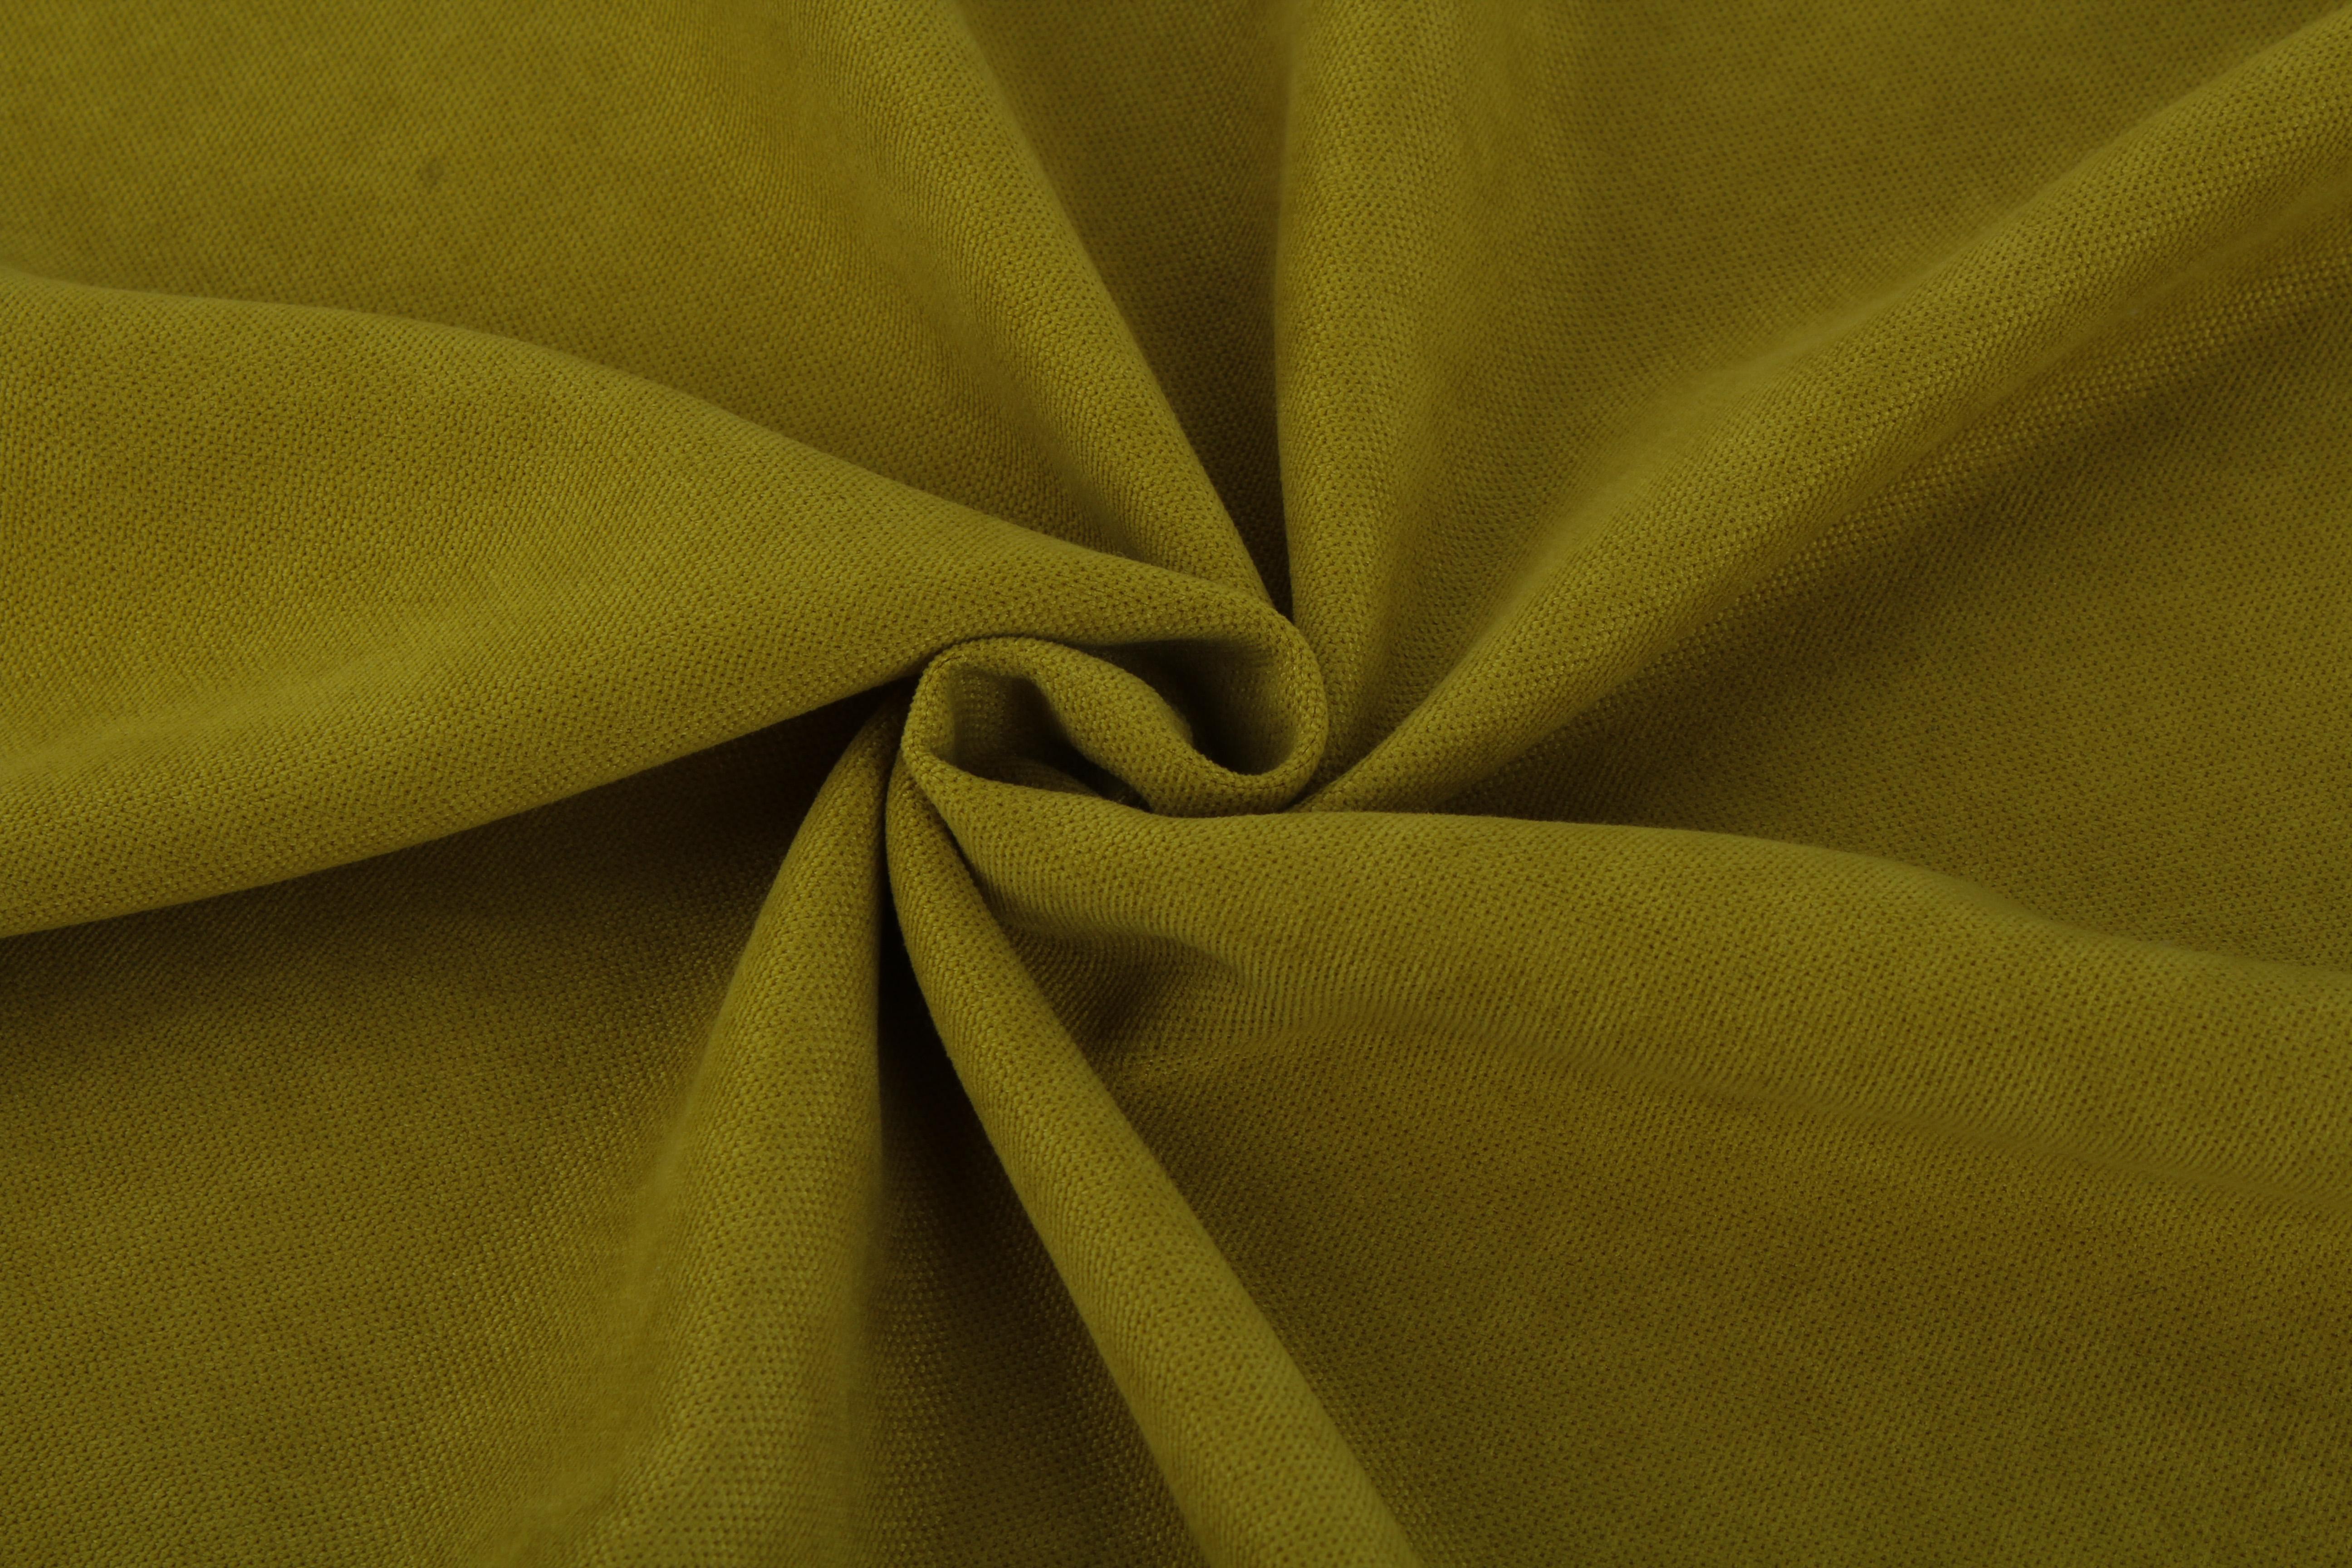 Купить Ткани TexRepublic, Материал Портьерная ткань Solid Цвет: Салатовый, Турция, Зеленый